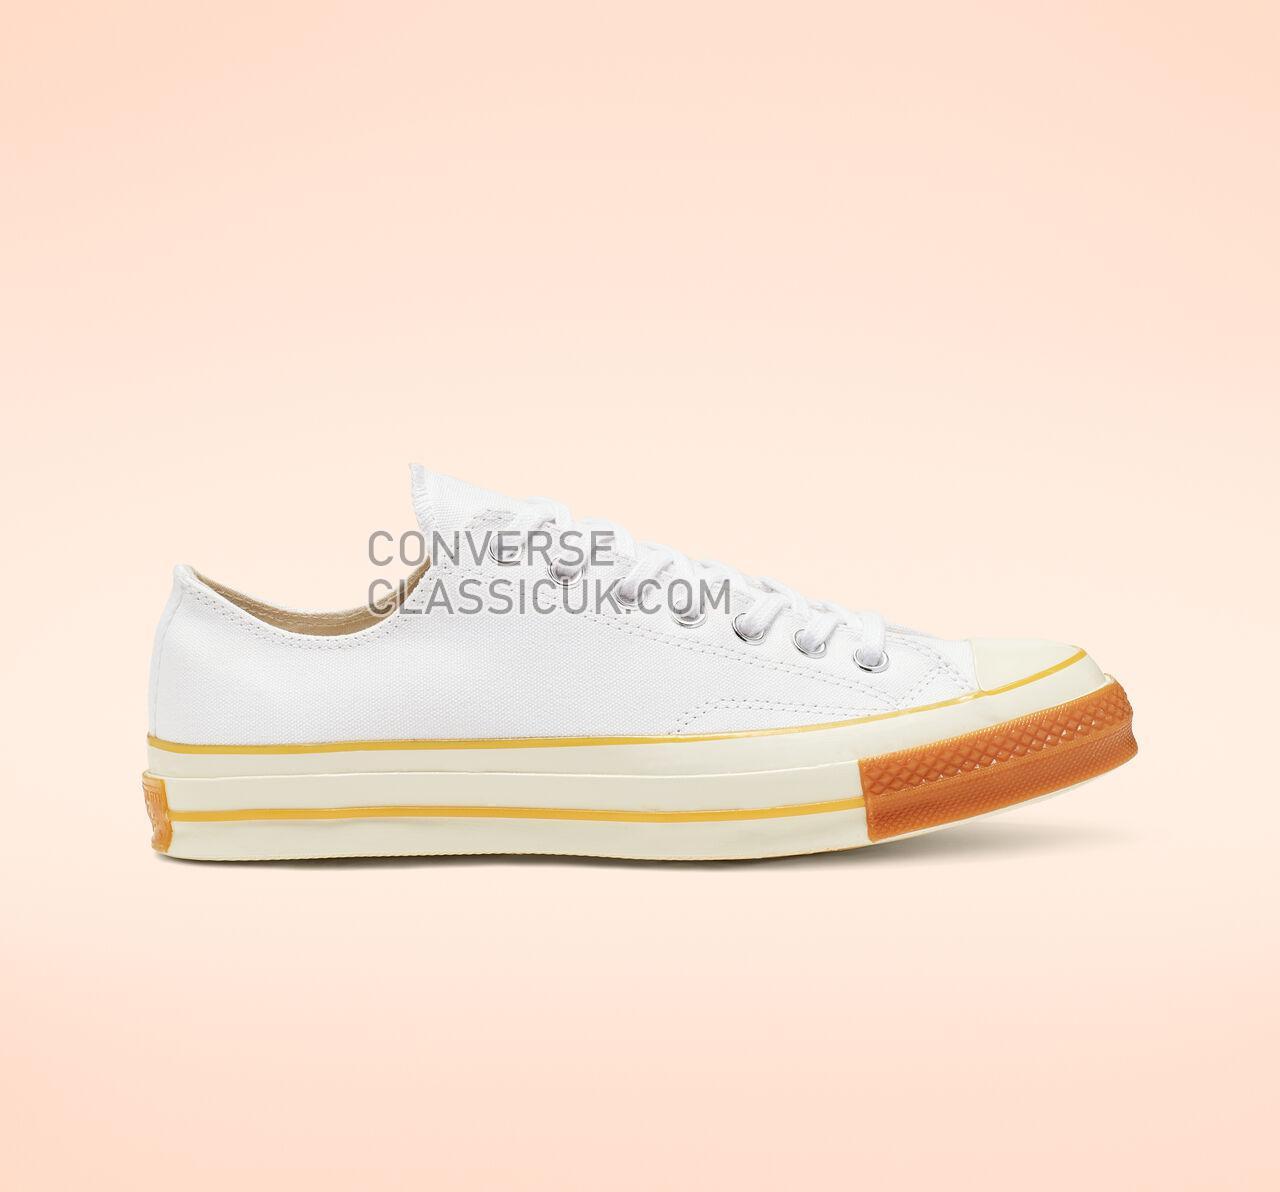 Converse Chuck 70 Pop Toe Low Top Mens Womens Unisex 165722C White/Egret/Gum Honey Shoes